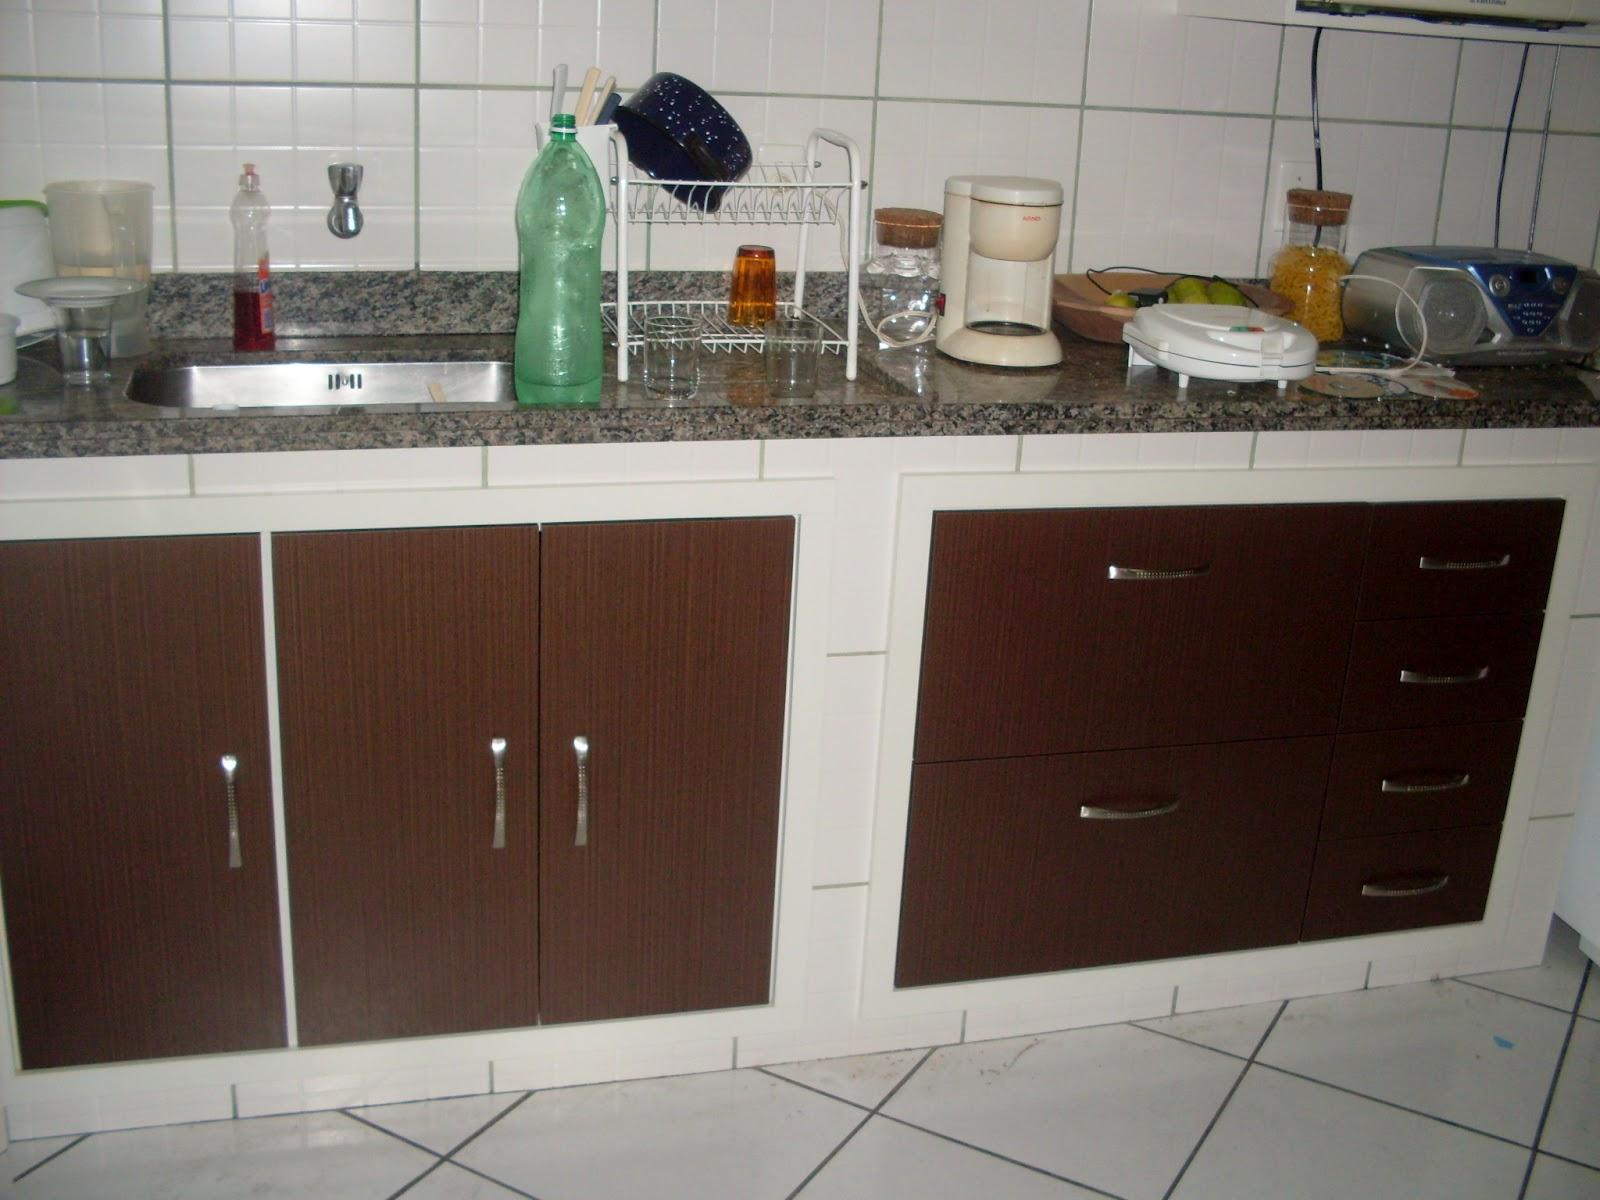 Armario De Cozinha Sob Medida Rj : Arm?rio de cozinha marrom moys?s m?veis em